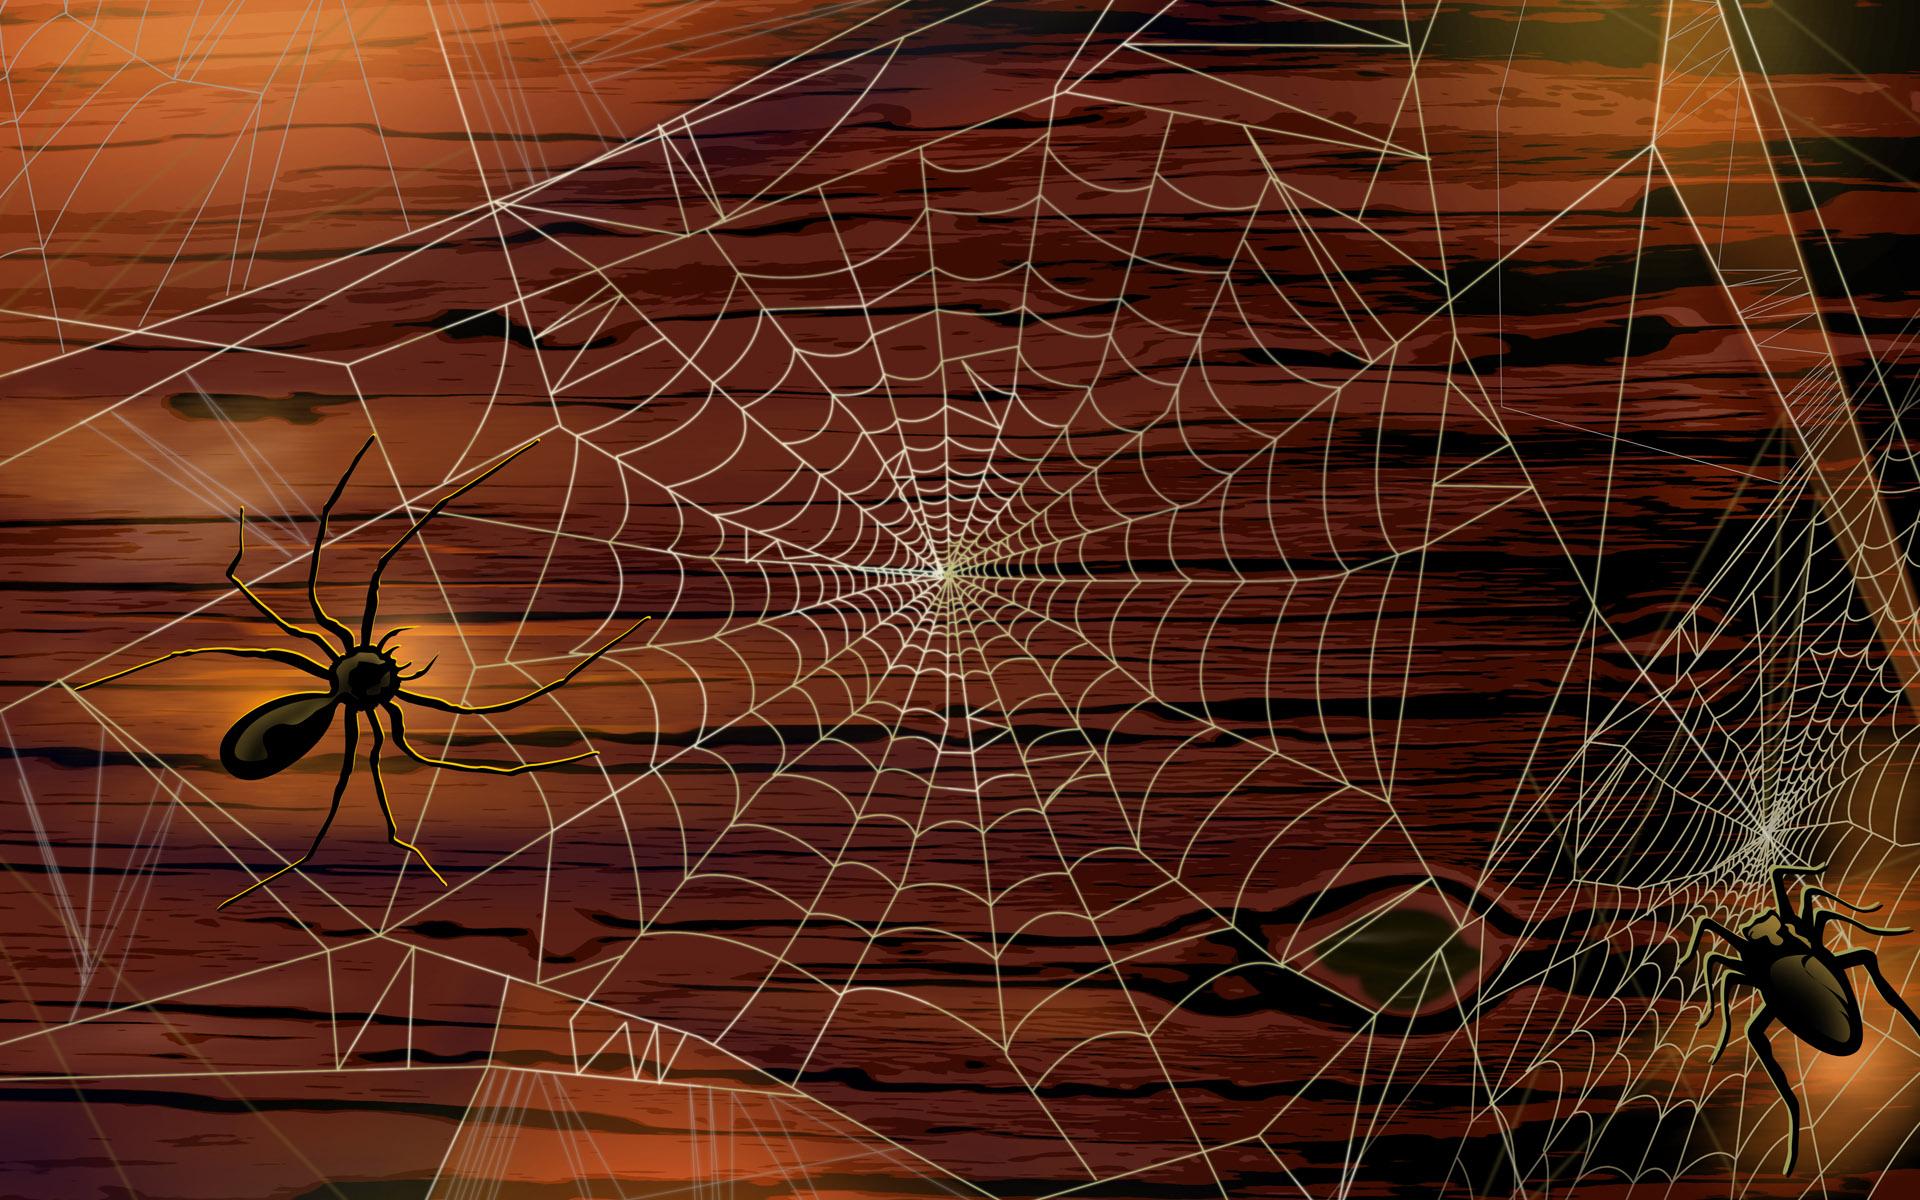 Картинки паучки с паутиной